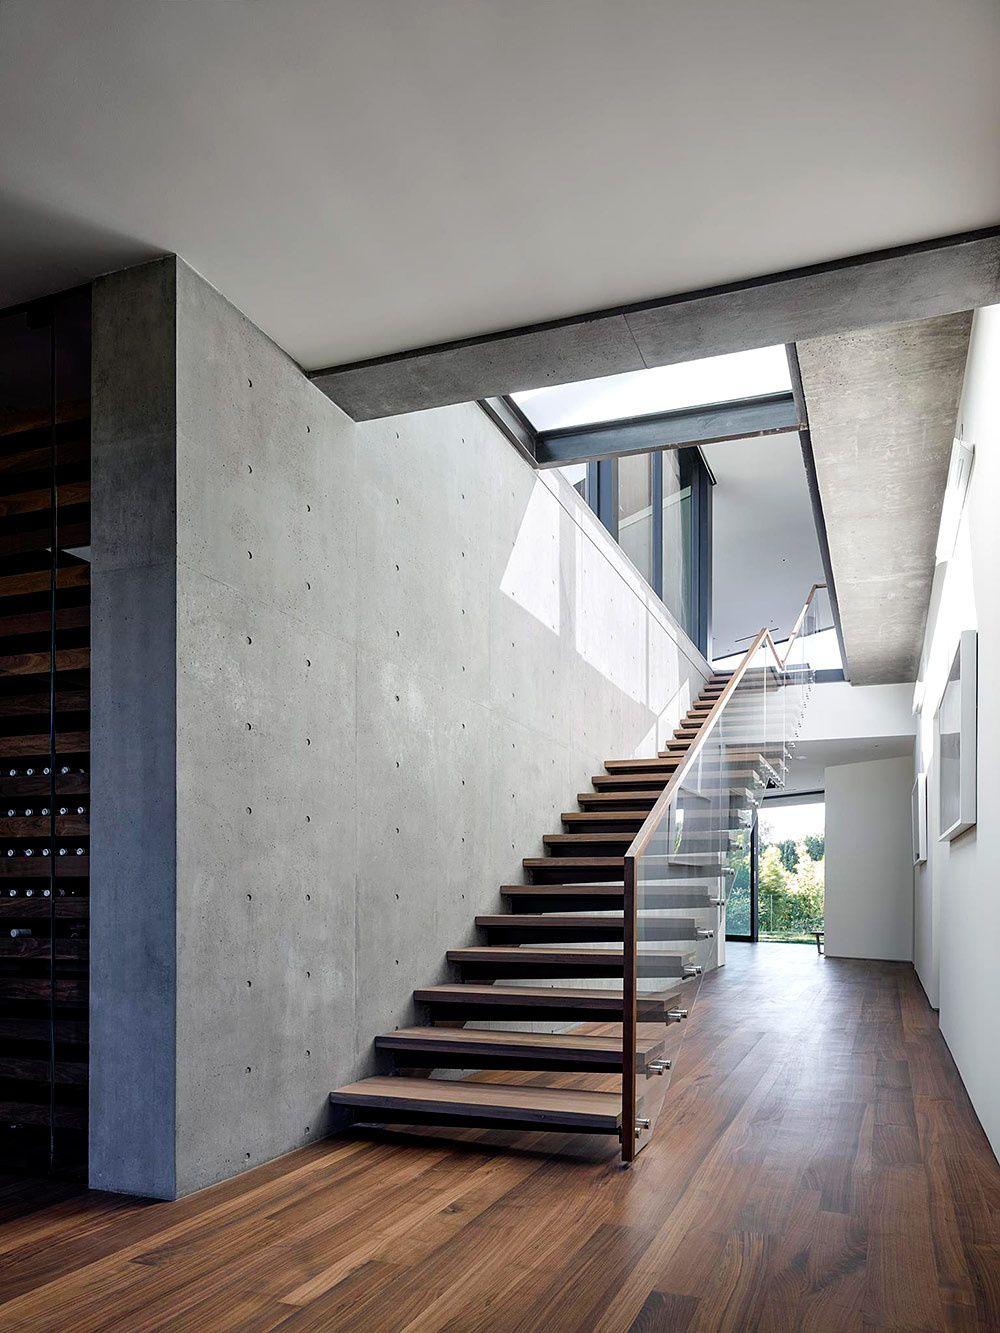 Las Escaleras De Madera As Como La Casa Tienen Un Aspecto  # Muebles Excell Aguascalientes